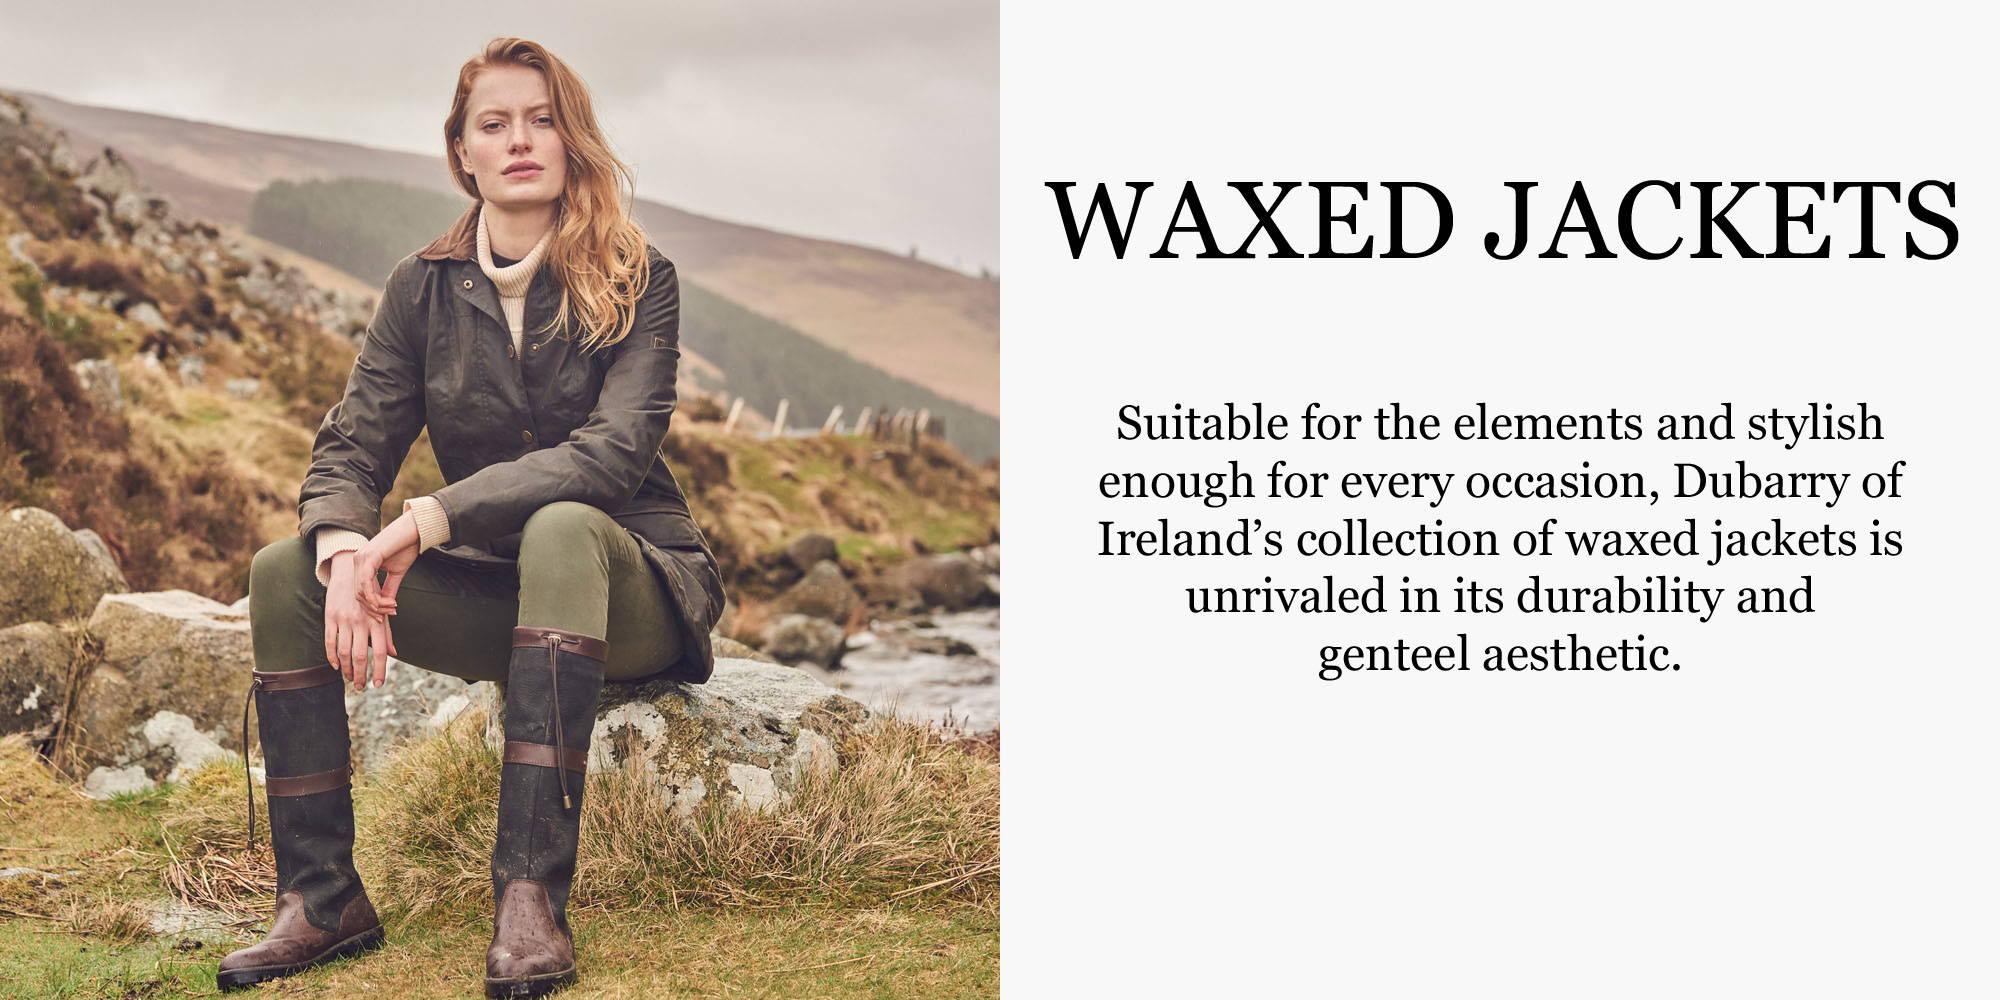 Dubarry Waxed jackets